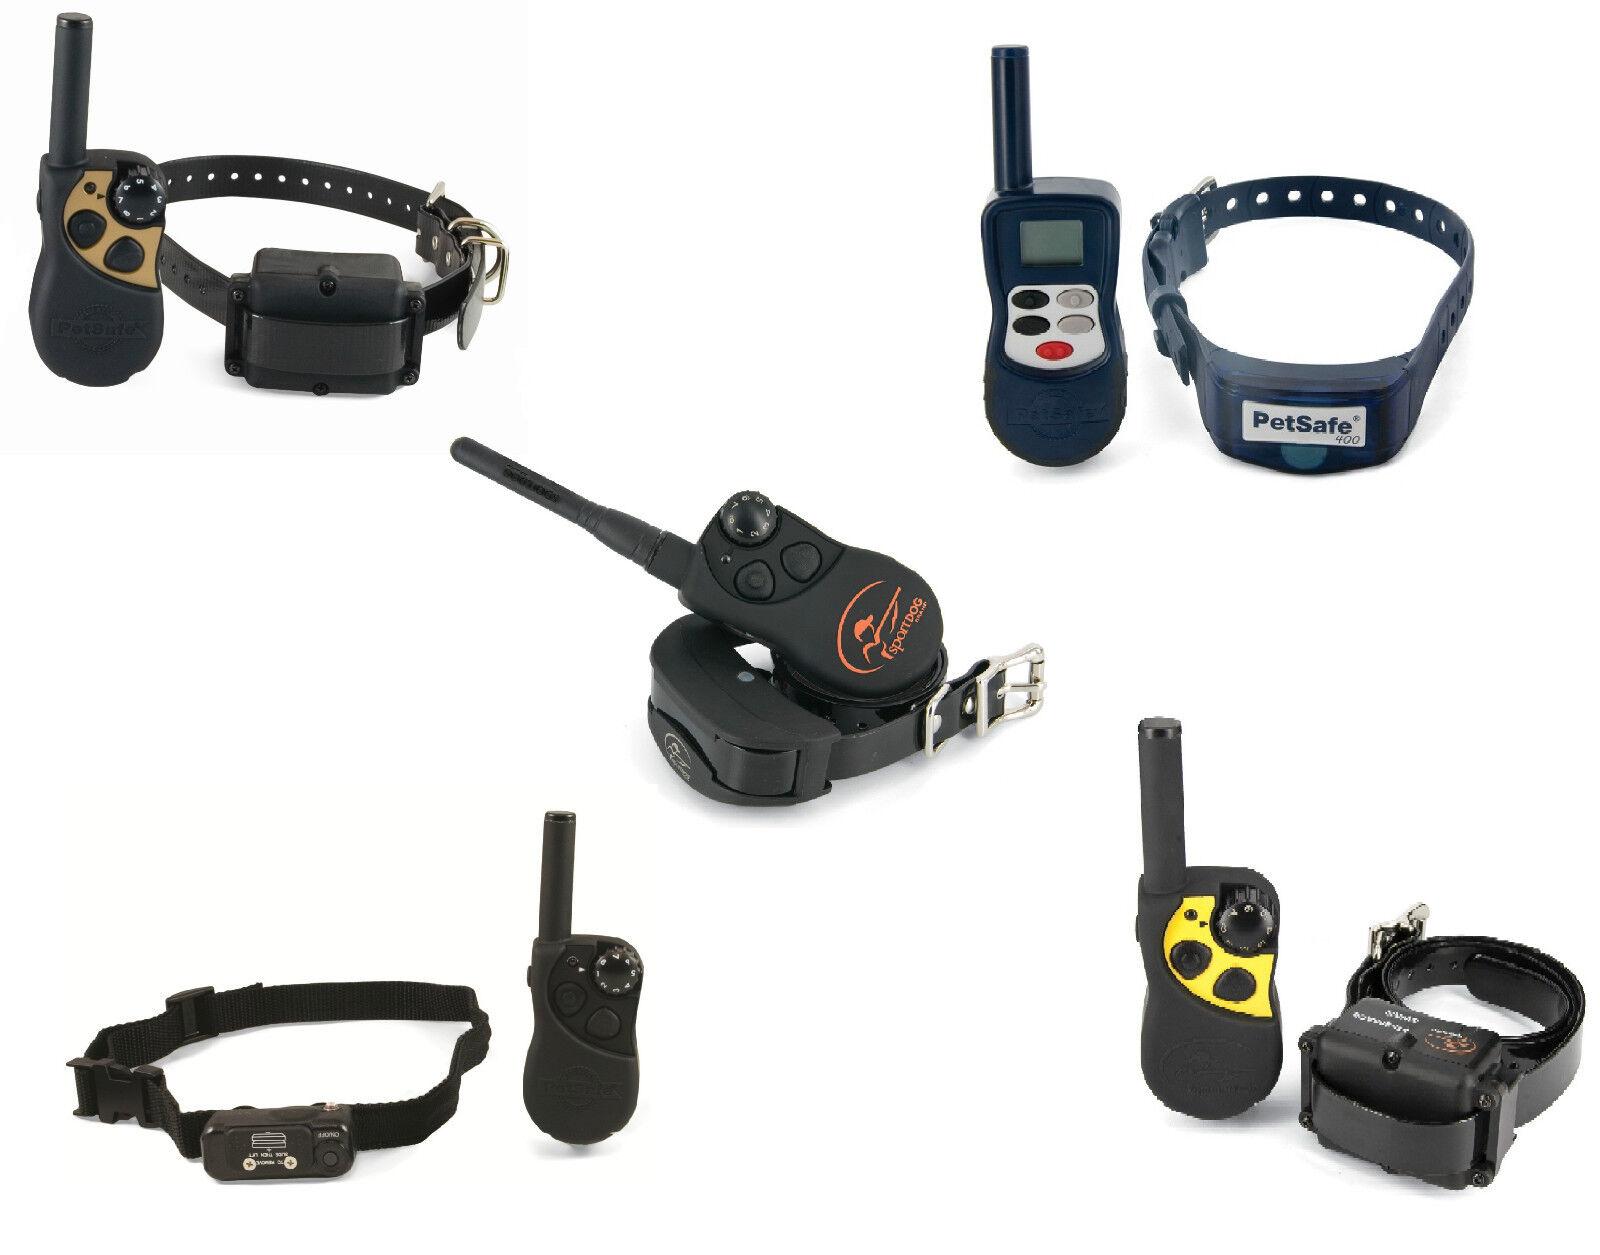 NOLEGGIO Petsafe Sportdog elettrocuzione ADDESTRAMENTO DEL CANE COLLARE ELETTRONICO DA .99 + deposito